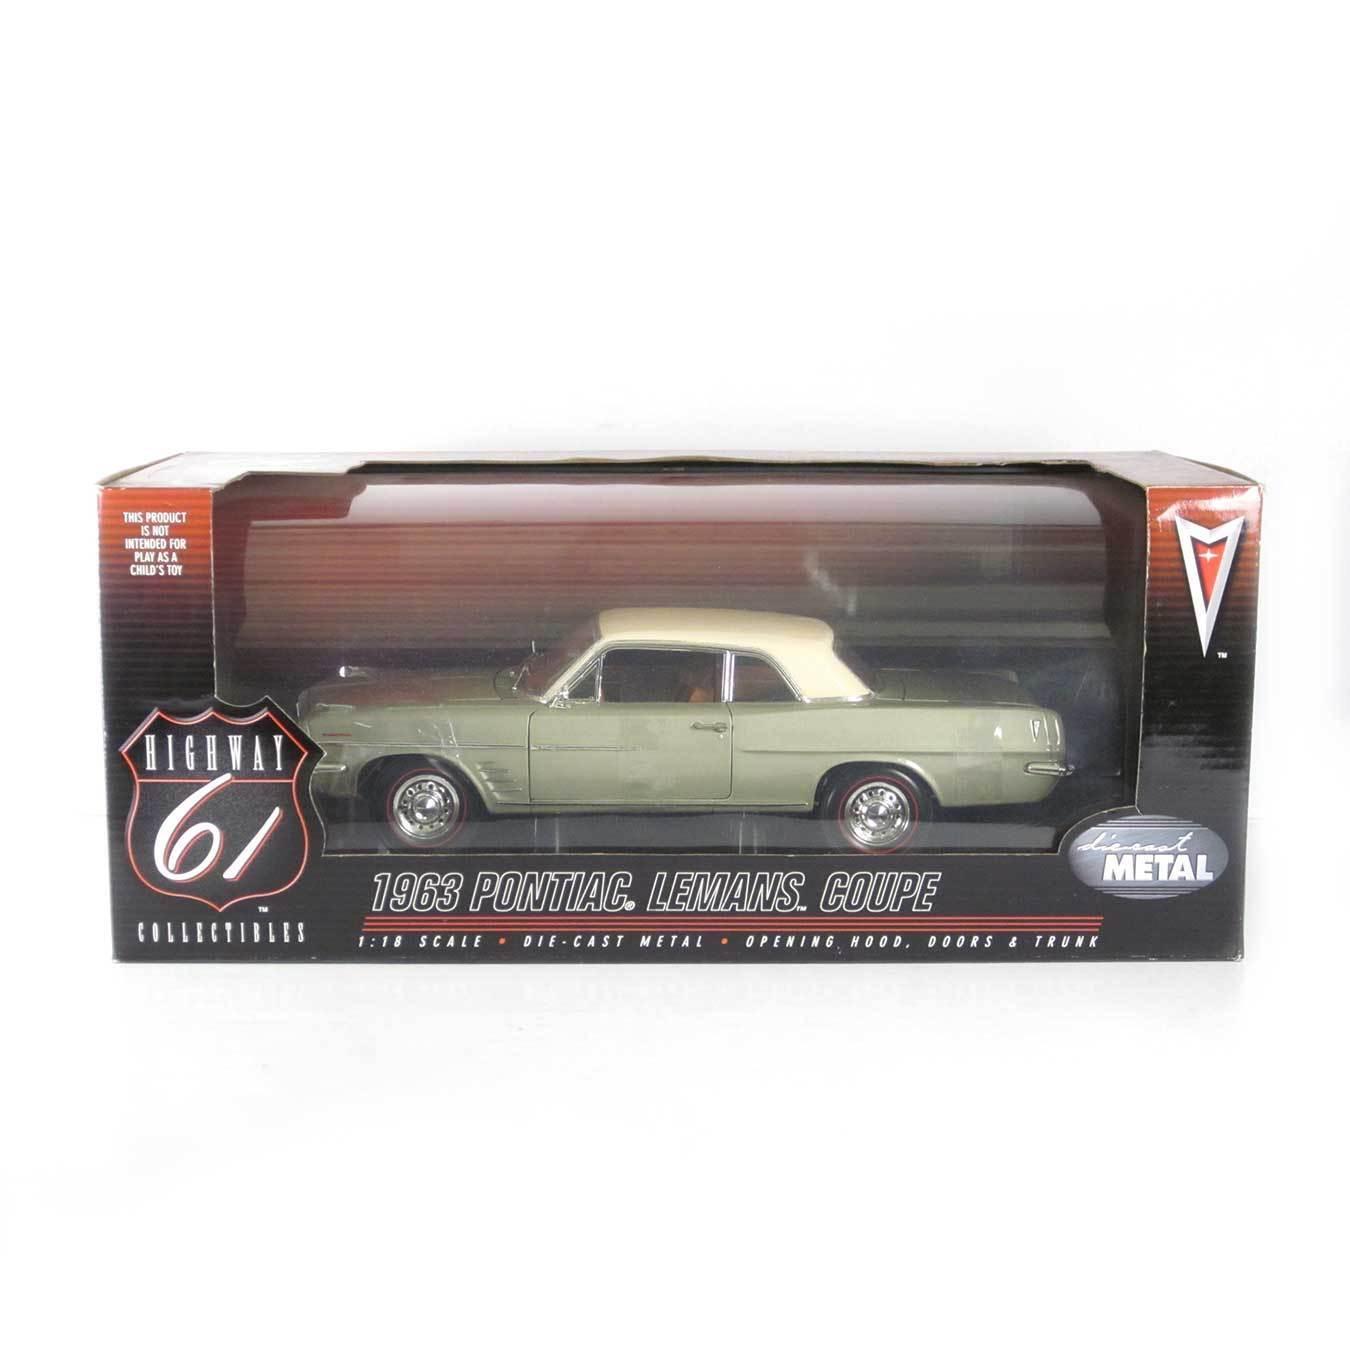 con 60% de descuento Highway 61  1963 Pontiac LeMans Coupe (Oliva con Marfil Marfil Marfil Top) escala 1 18  clásico atemporal